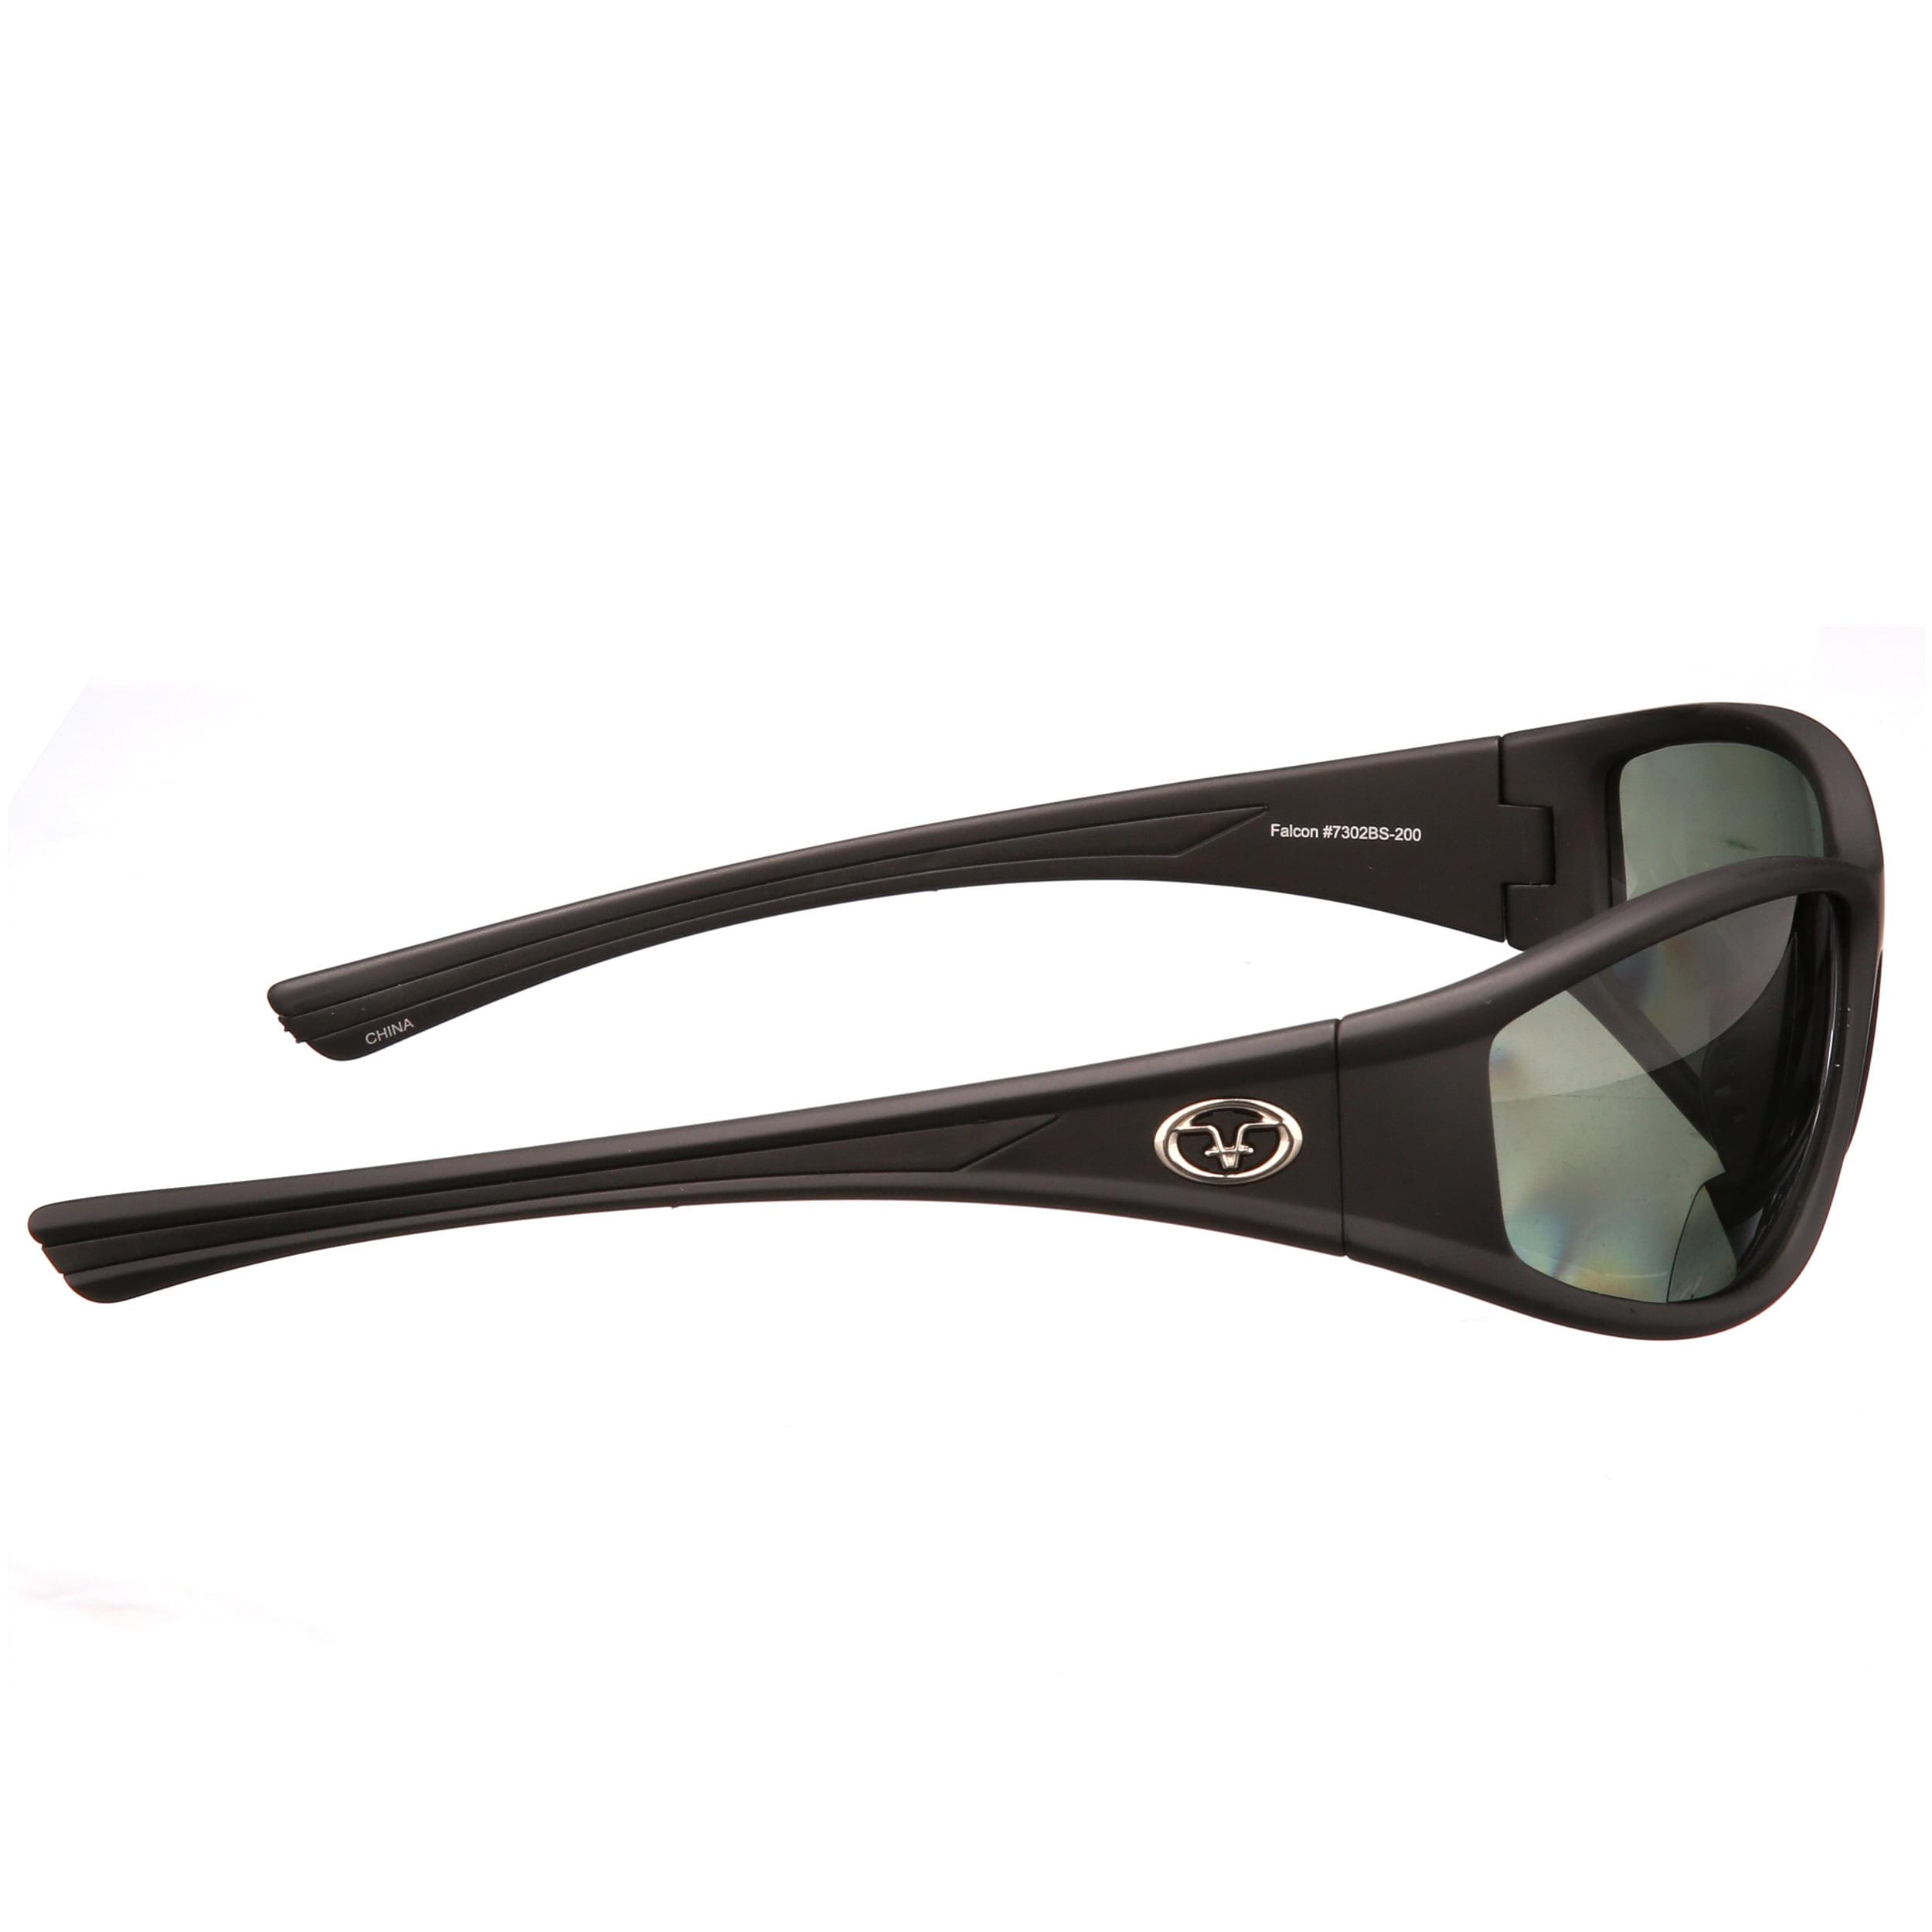 15c99fdb247d5 Flying Fisherman - Flying Fisherman Falcon Polarized Sunglasses   Bifocal  Reader - Walmart.com